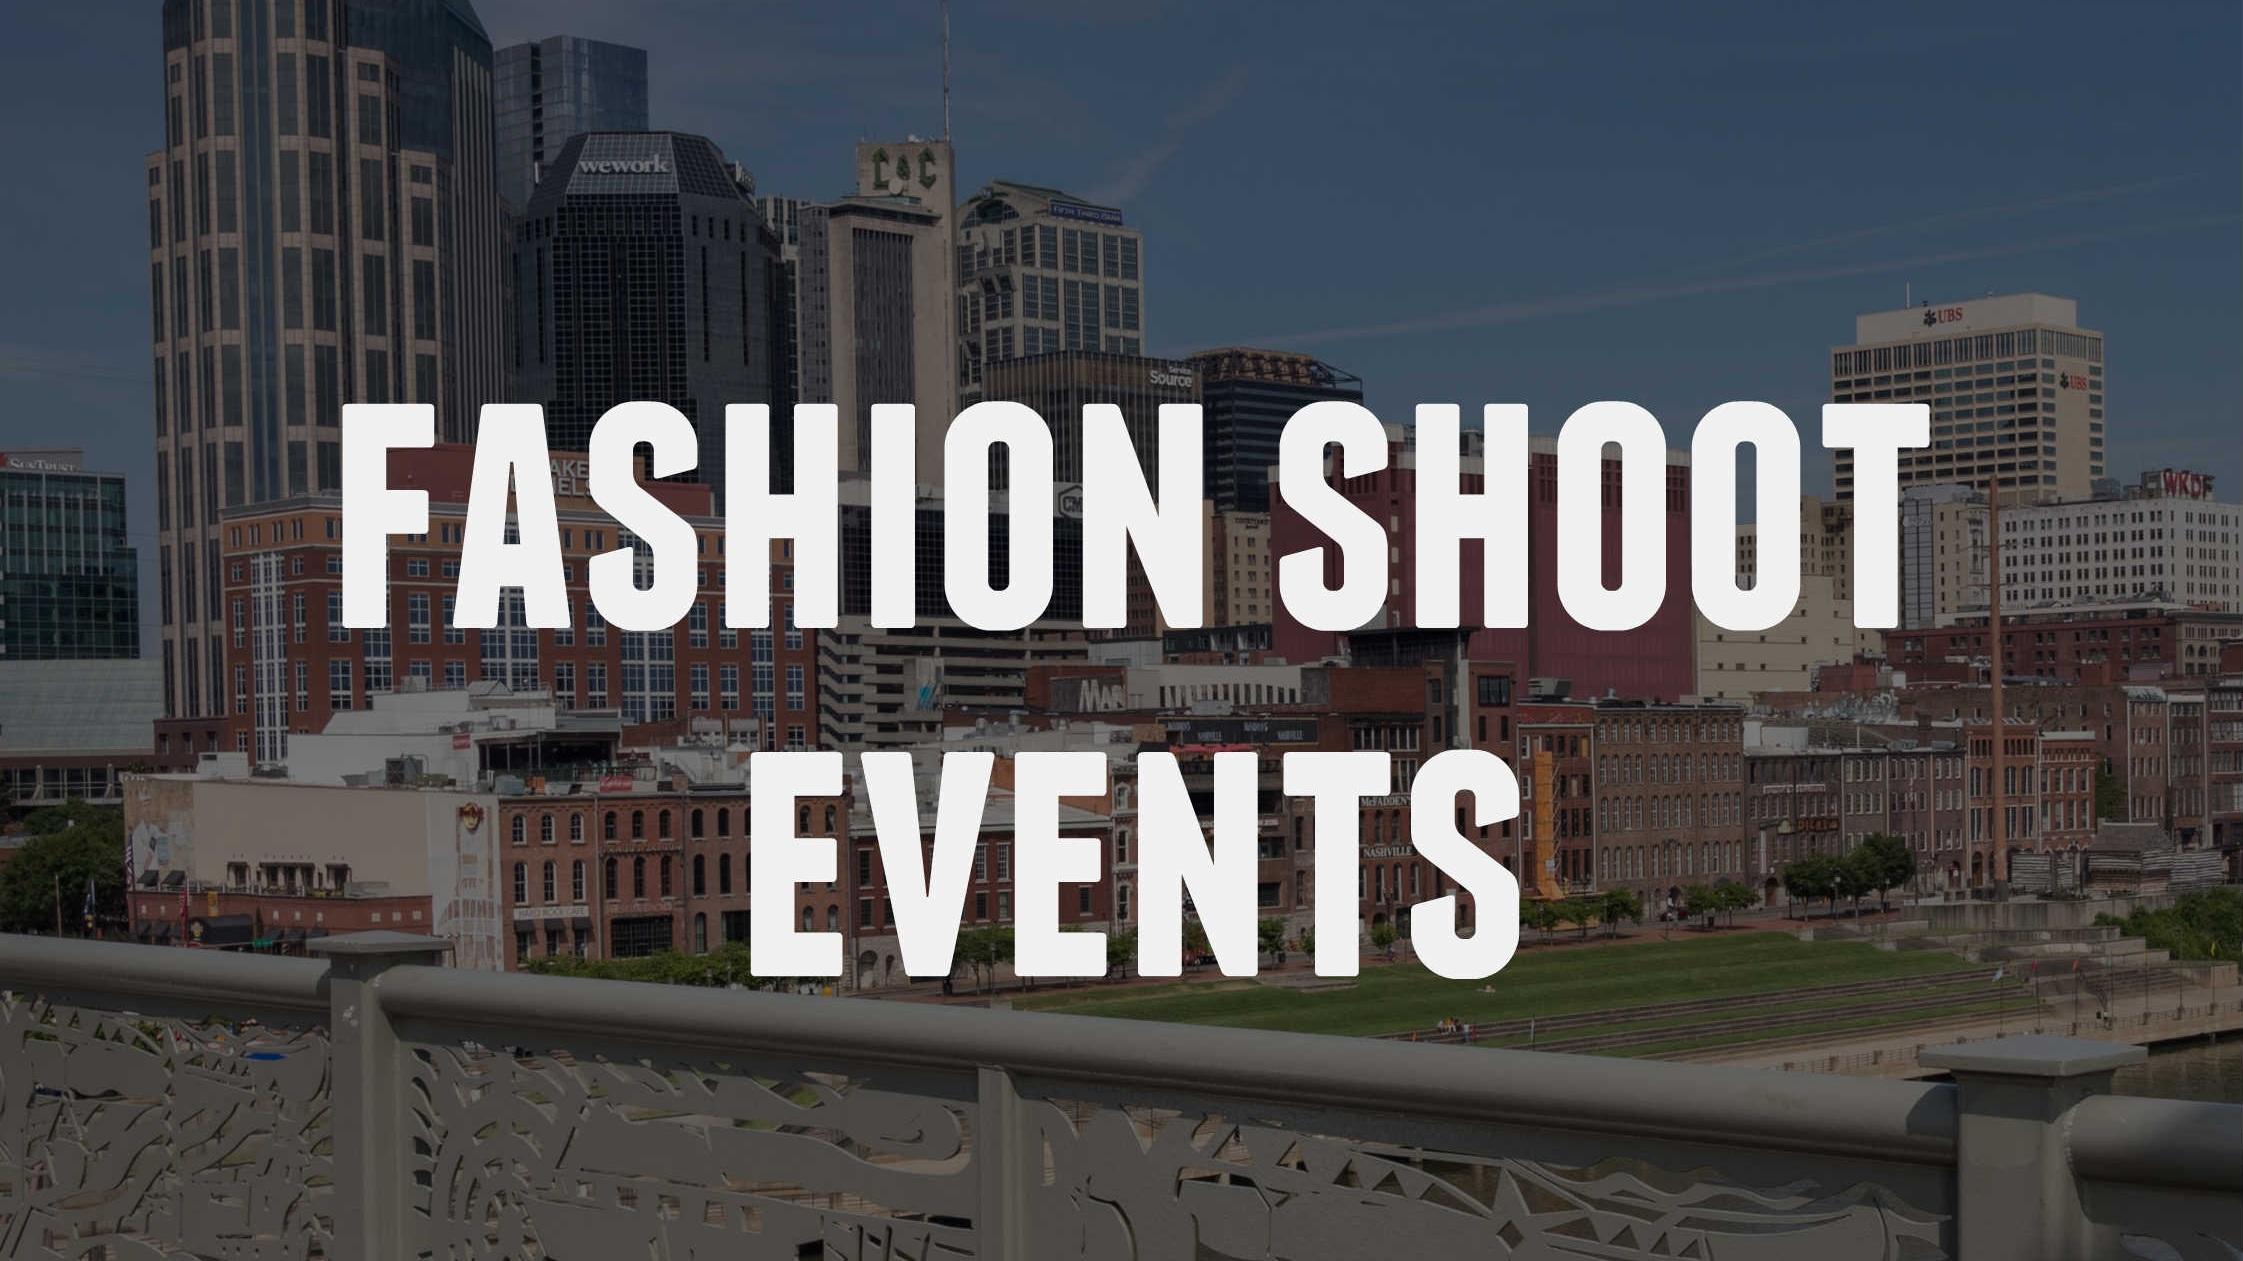 Fashion Shoot Event